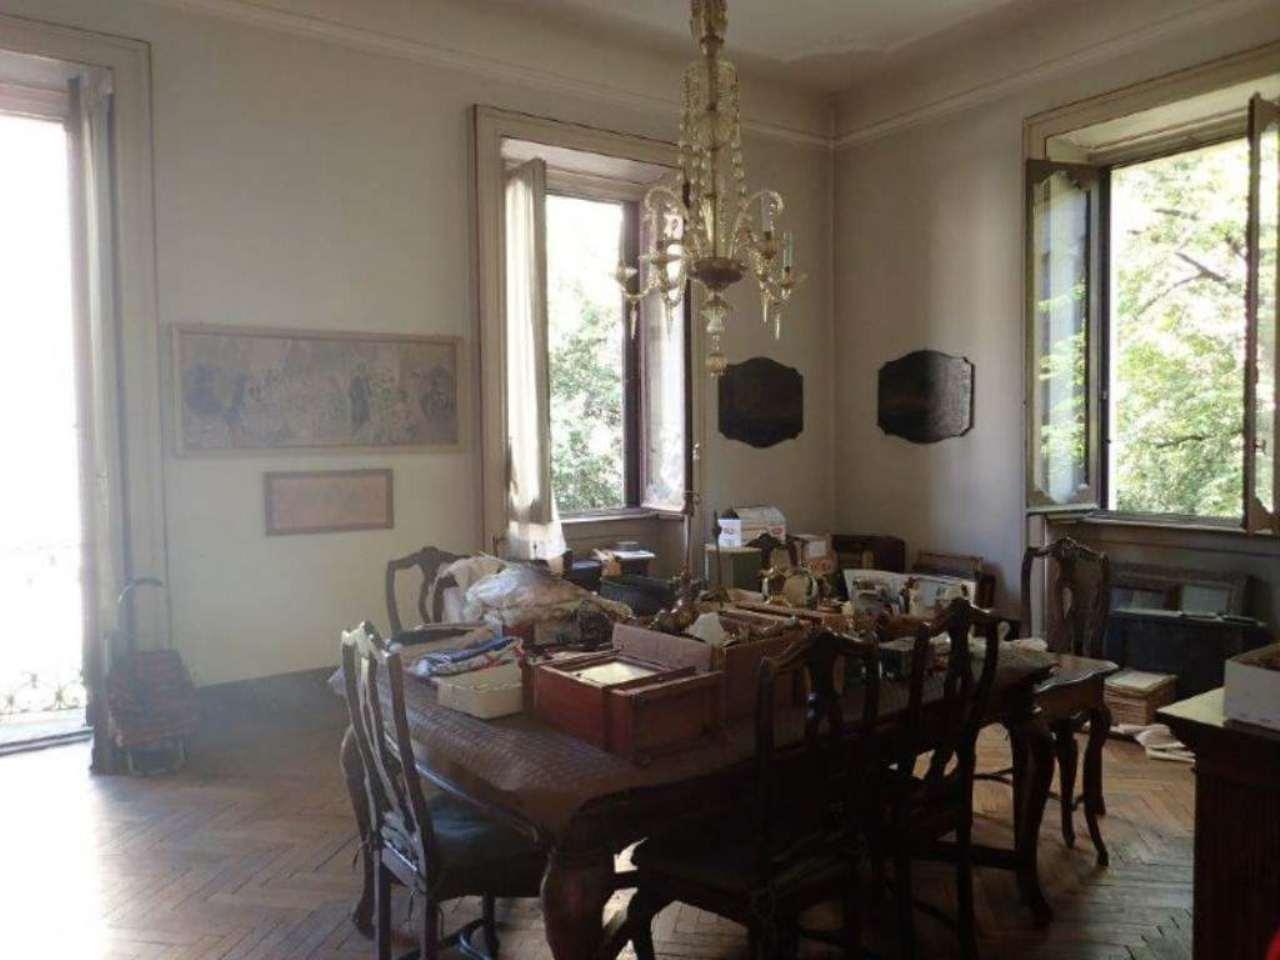 Appartamento di lusso in vendita a milano via privata for Appartamento via decorati milano